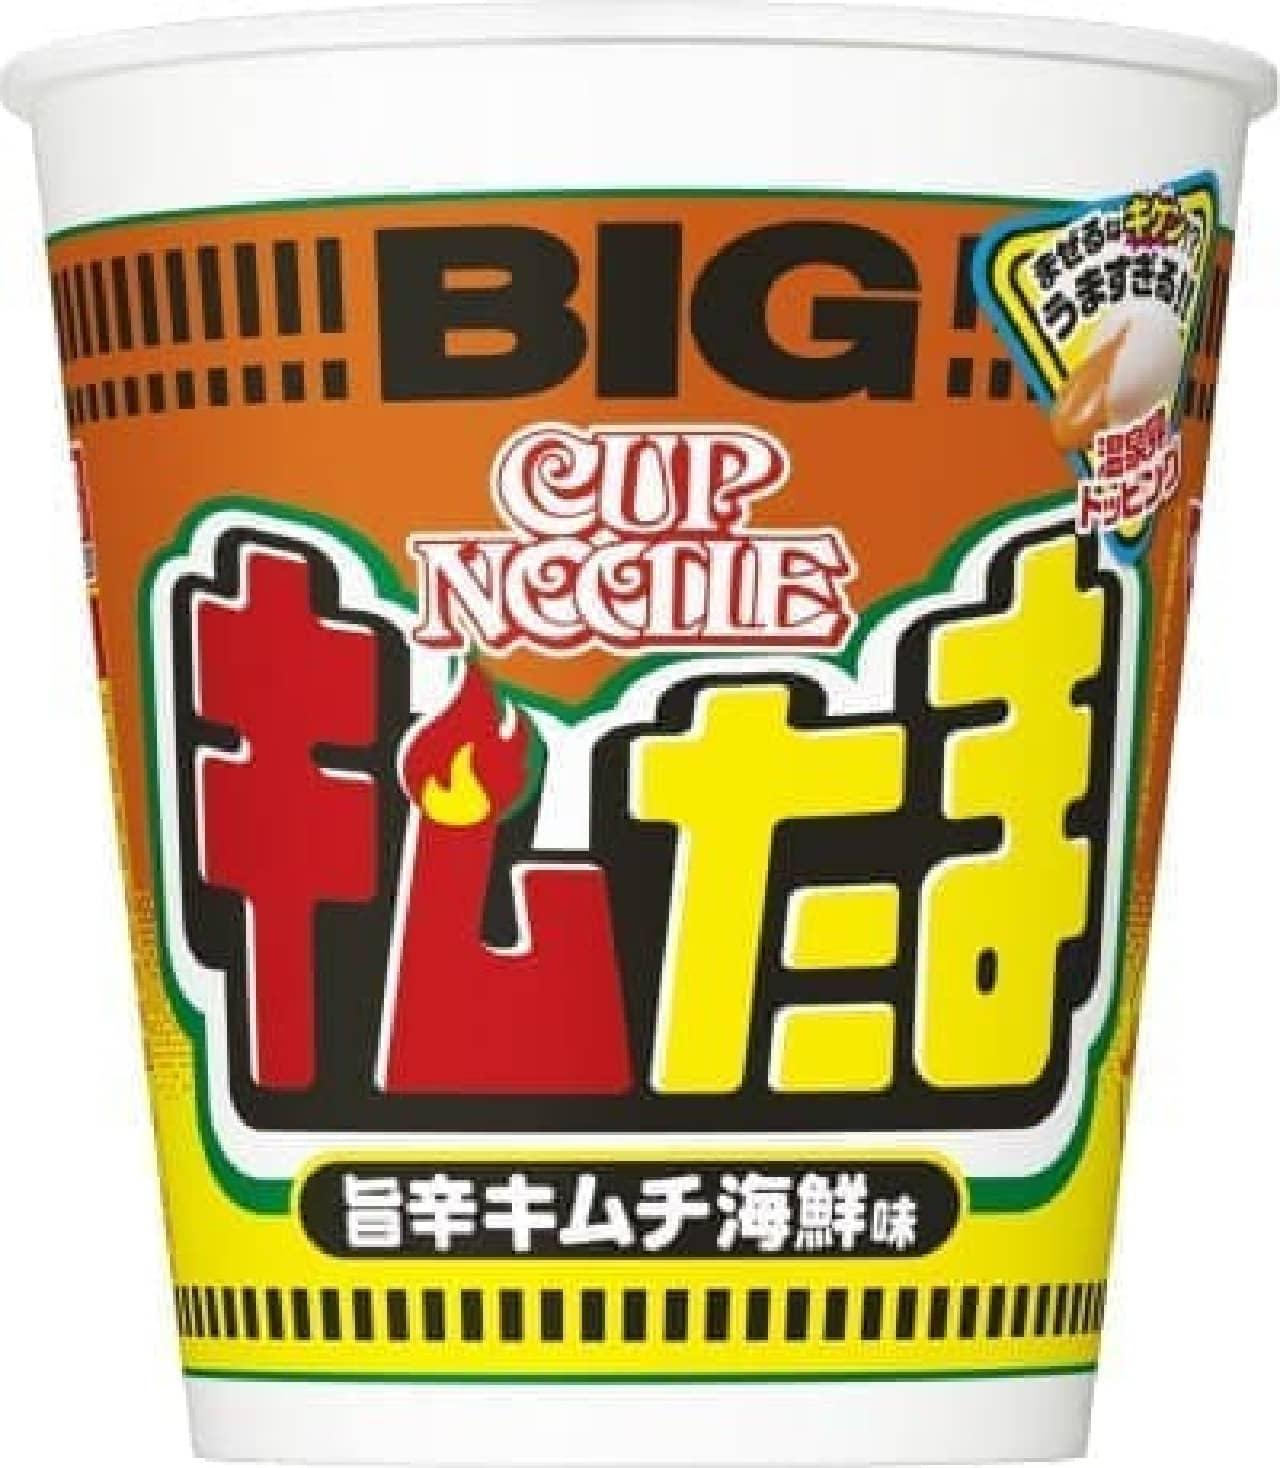 日清食品「カップヌードル キムたま ビッグ」